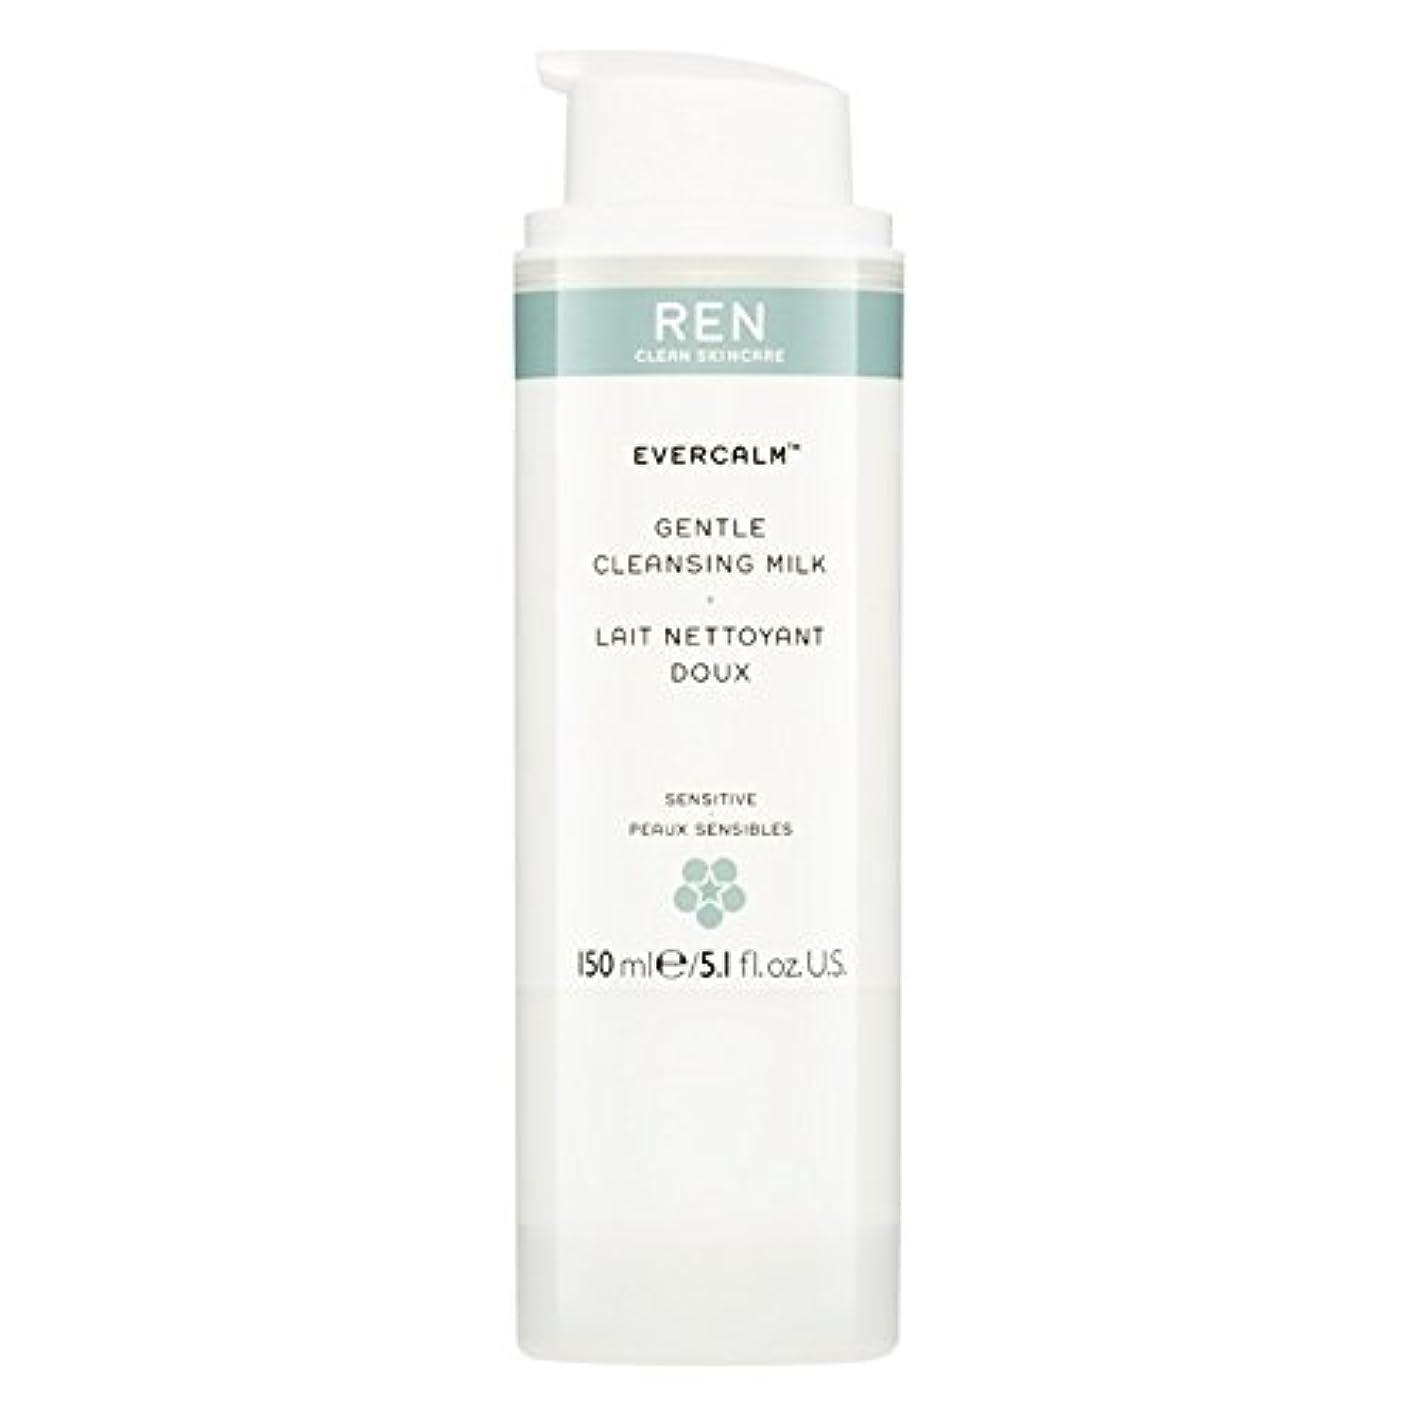 我慢する落とし穴無限Ren Evercalm優しいクレンジングミルク、150ミリリットル (REN) - REN Evercalm Gentle Cleansing Milk, 150ml [並行輸入品]